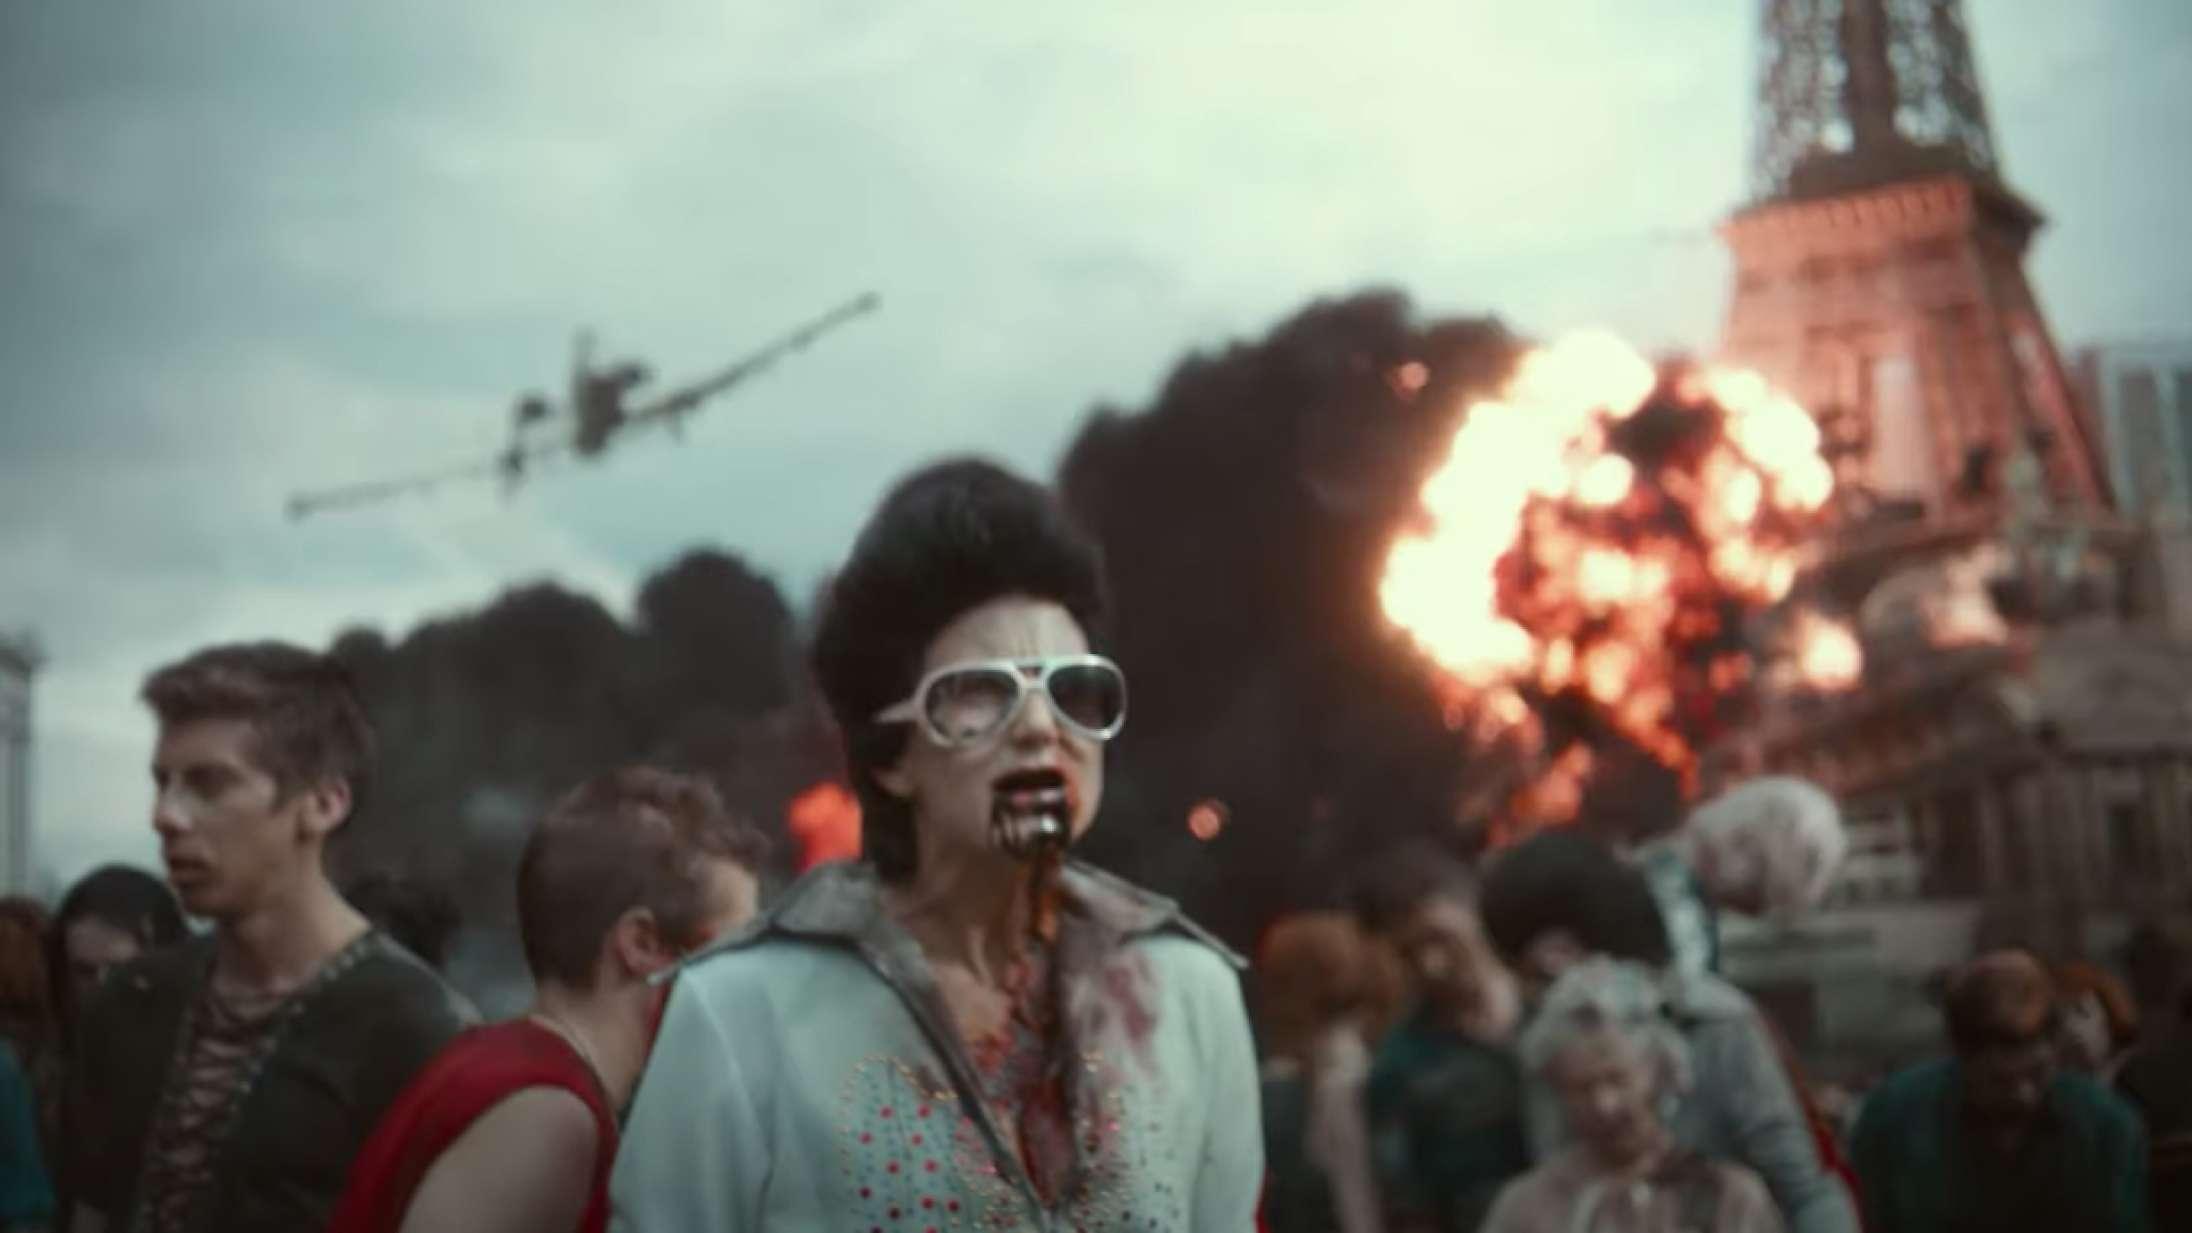 Lyt til Soundvenue Streamer: Zack Snyders zombiefest vækker jubel + 'Master of None' sæson 3